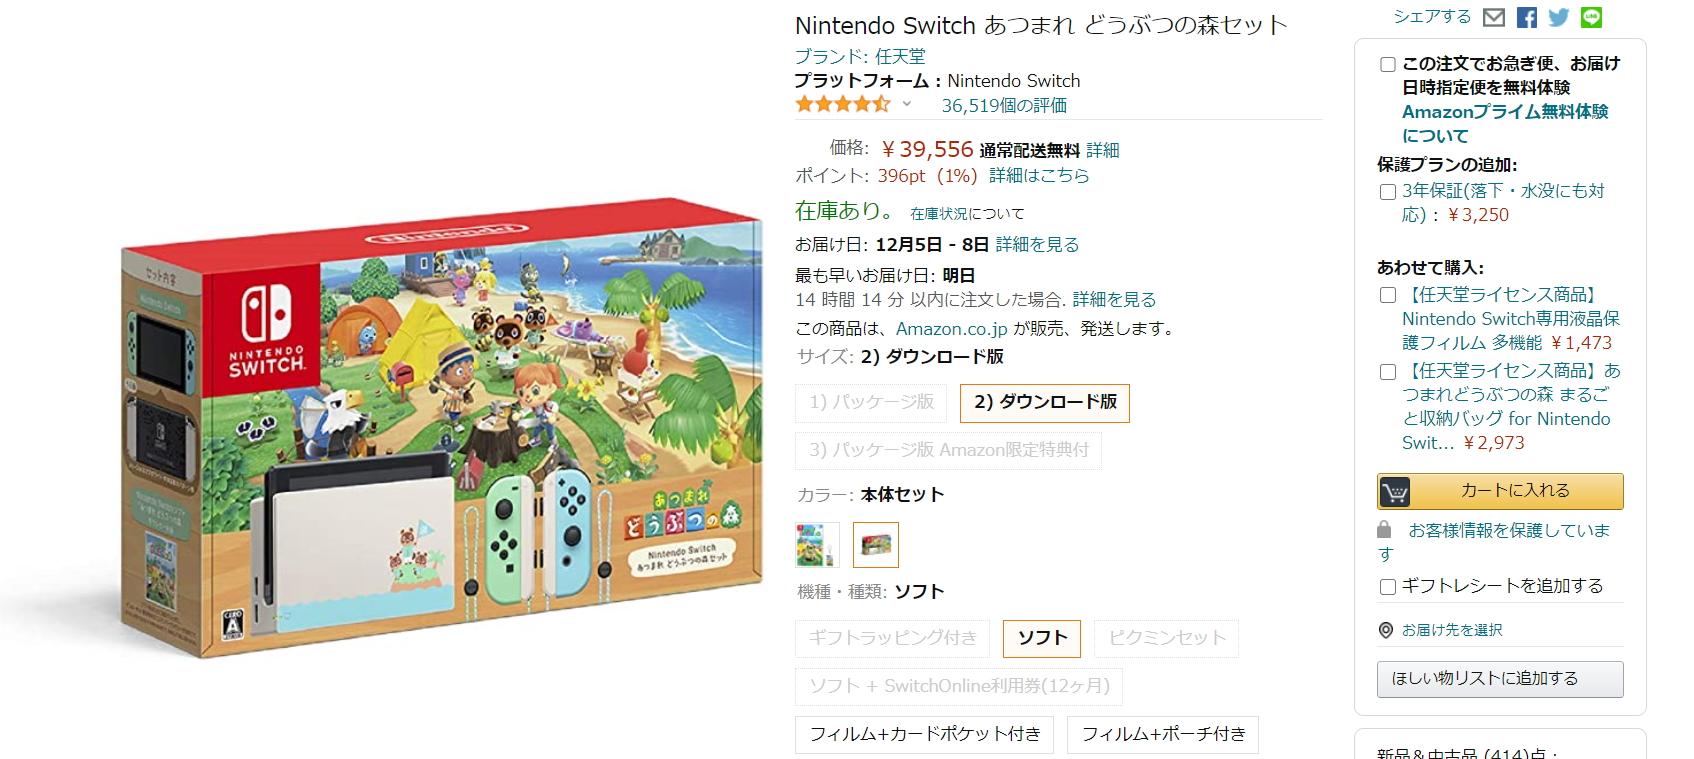 Switch の セット あつまれ 定価 nintendo 森 どうぶつ